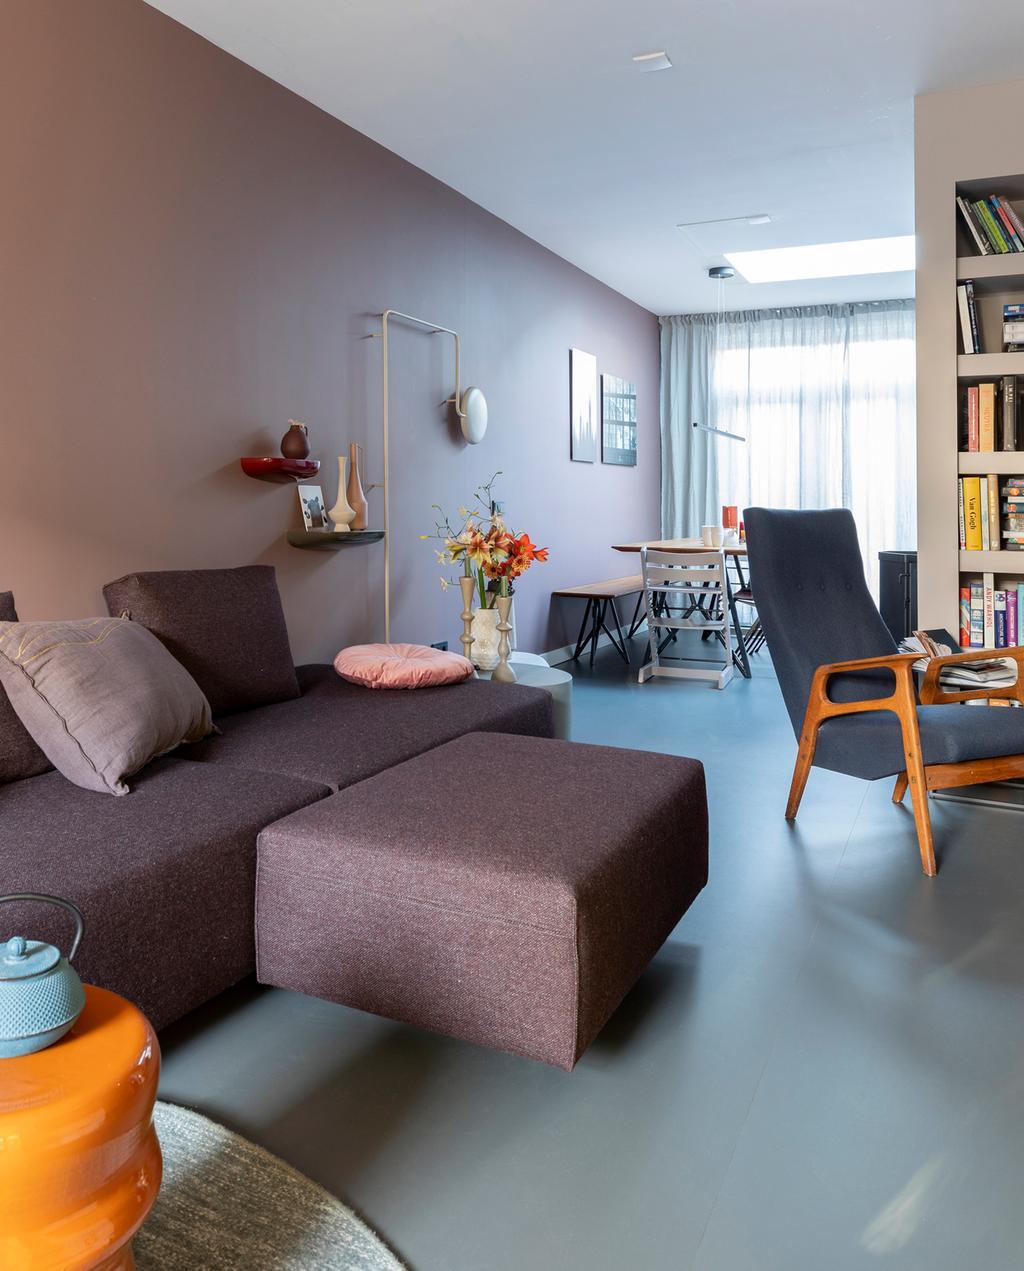 vtwonen weer verliefd op je huis | aflevering 11 seizoen 13 | stylist Fietje in Haarlem | L-vormige woonkamer inrichten